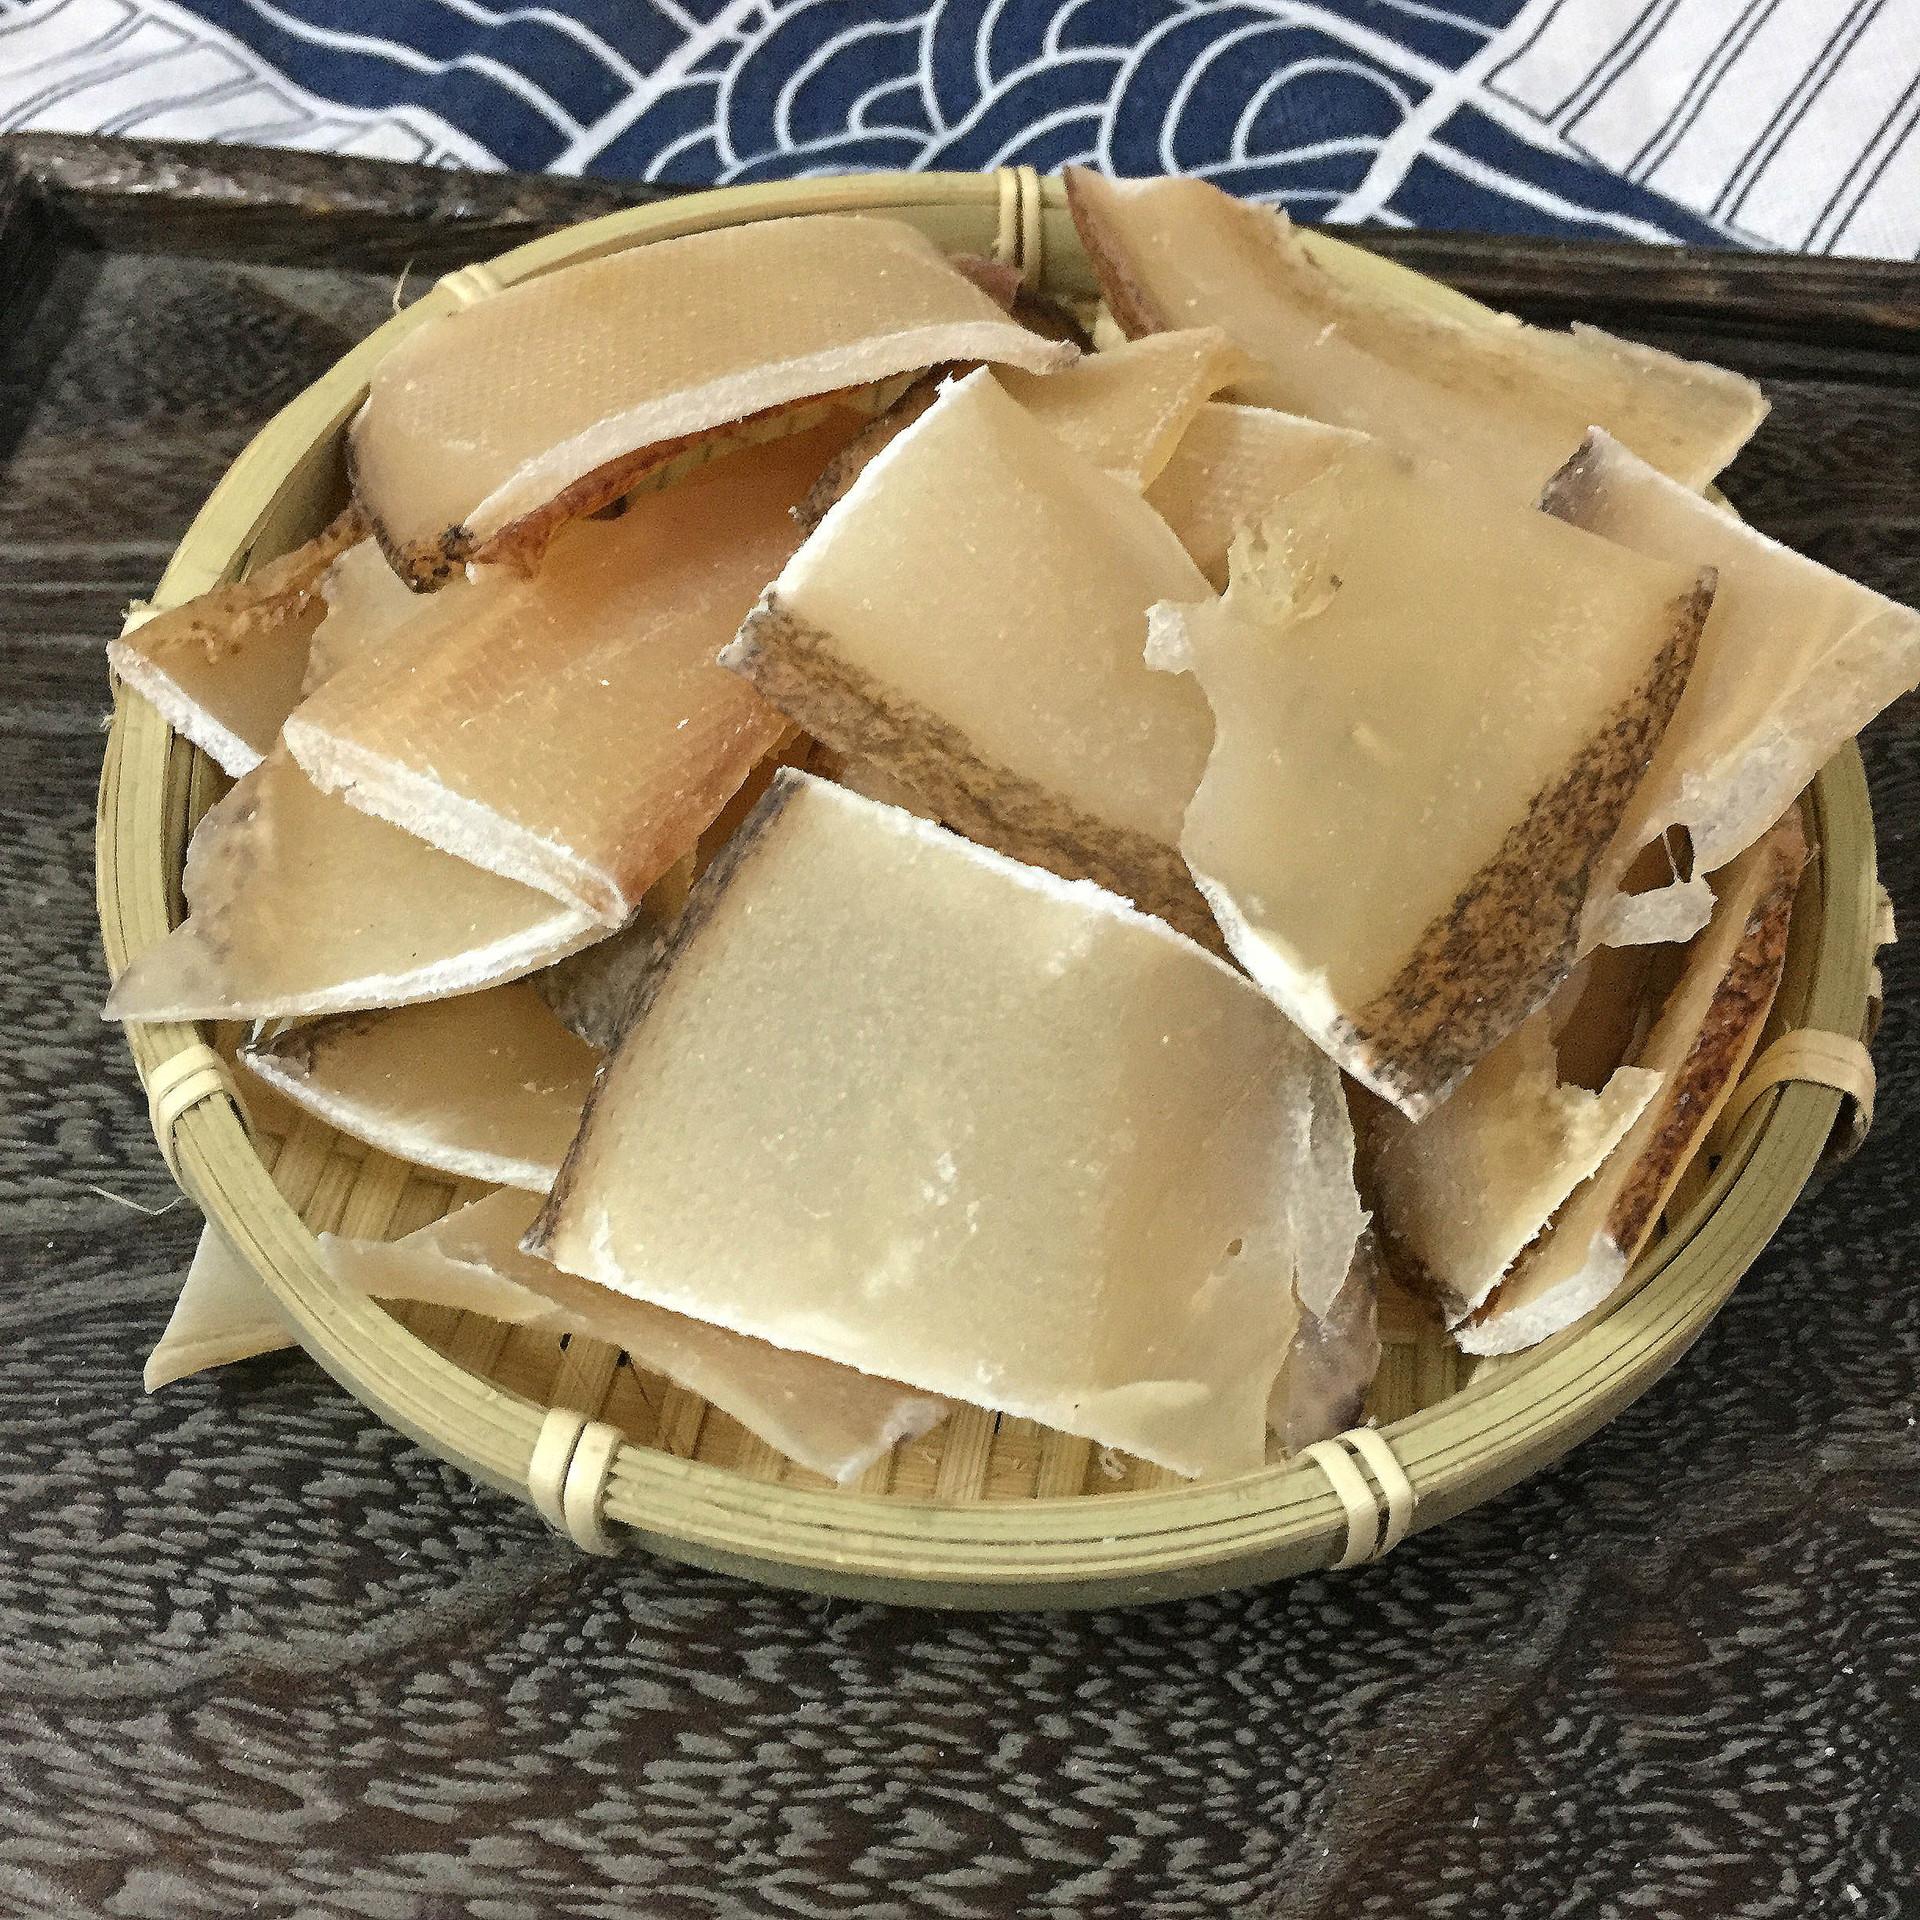 汤料店选用响螺片 散装500g 适合配包 天然晒干 无添加